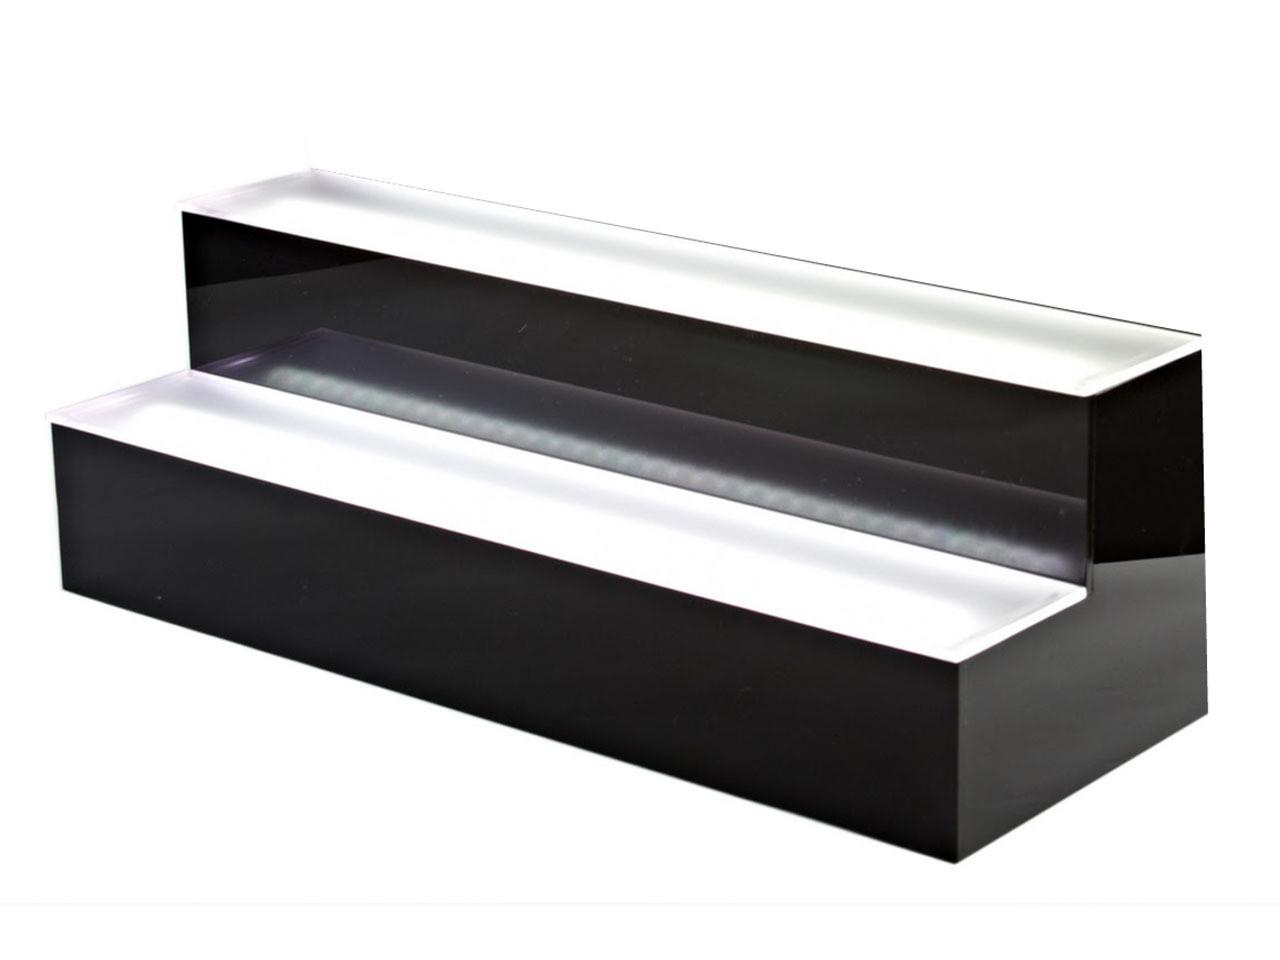 LED LIGHT UP SHELVE 2TIER/7FEET